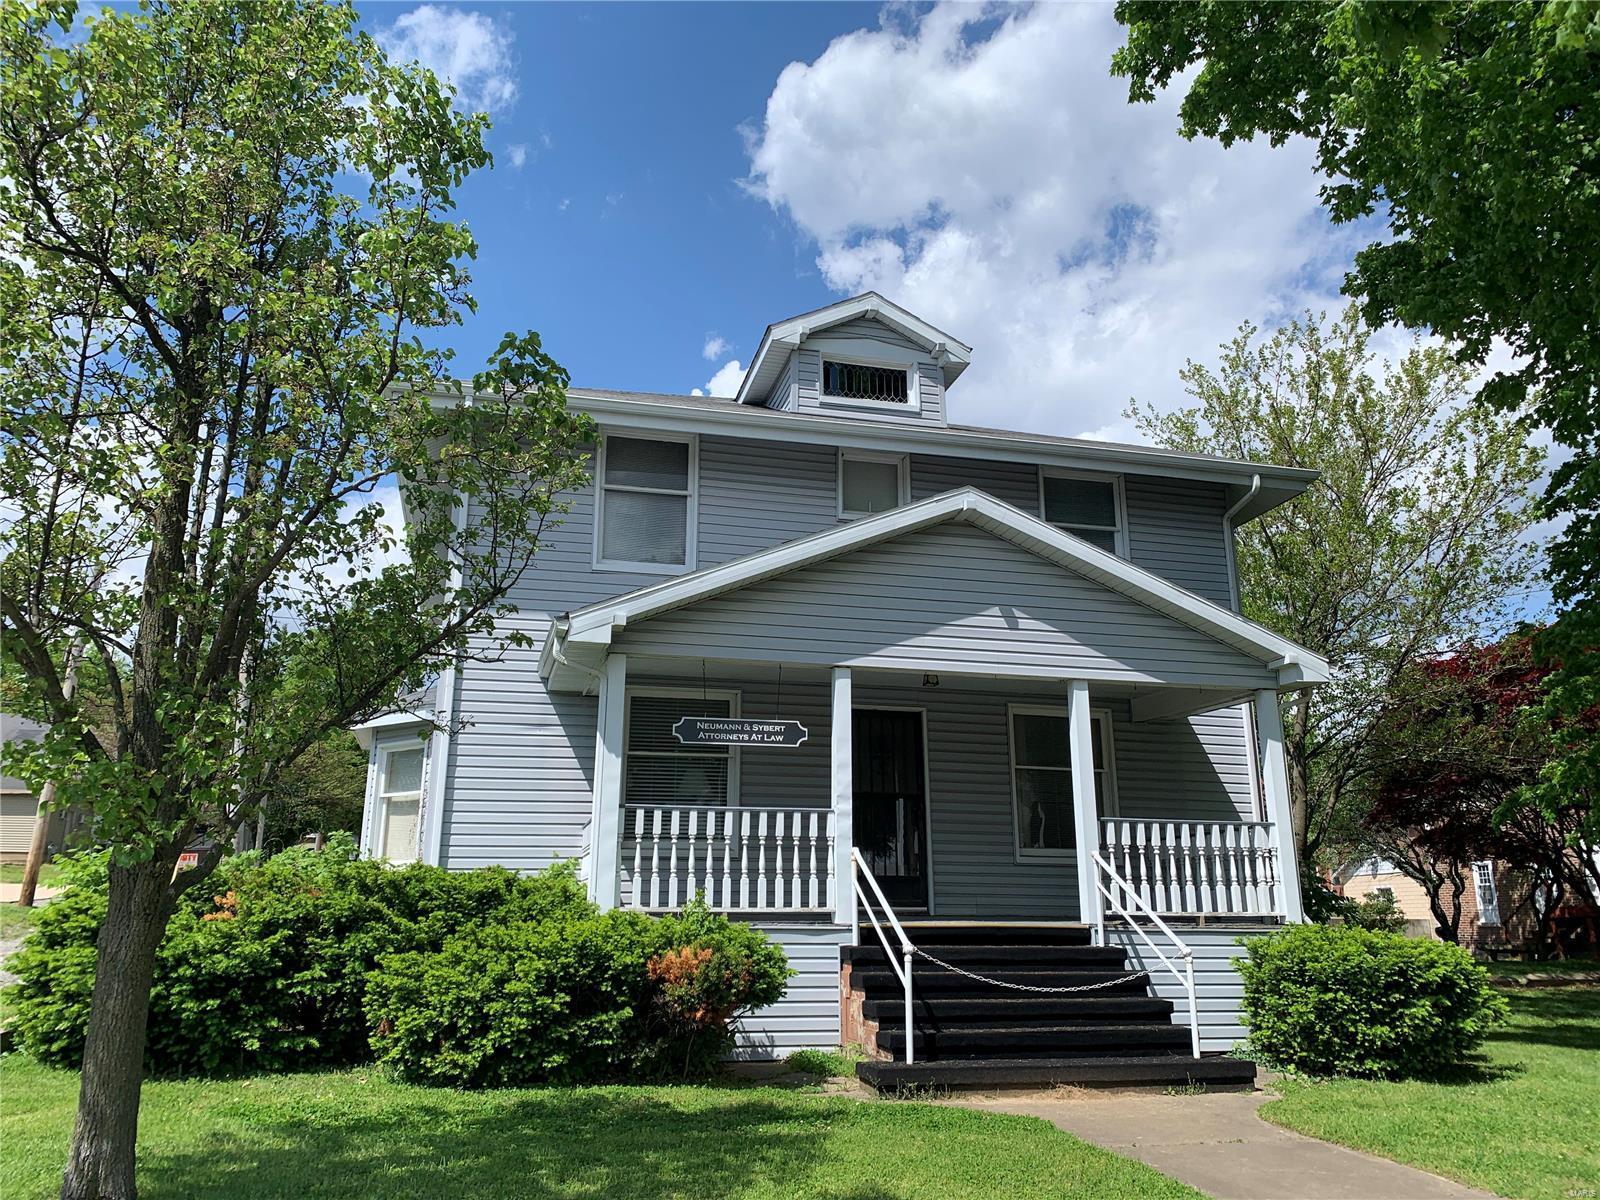 115 E College Property Photo - Greenville, IL real estate listing